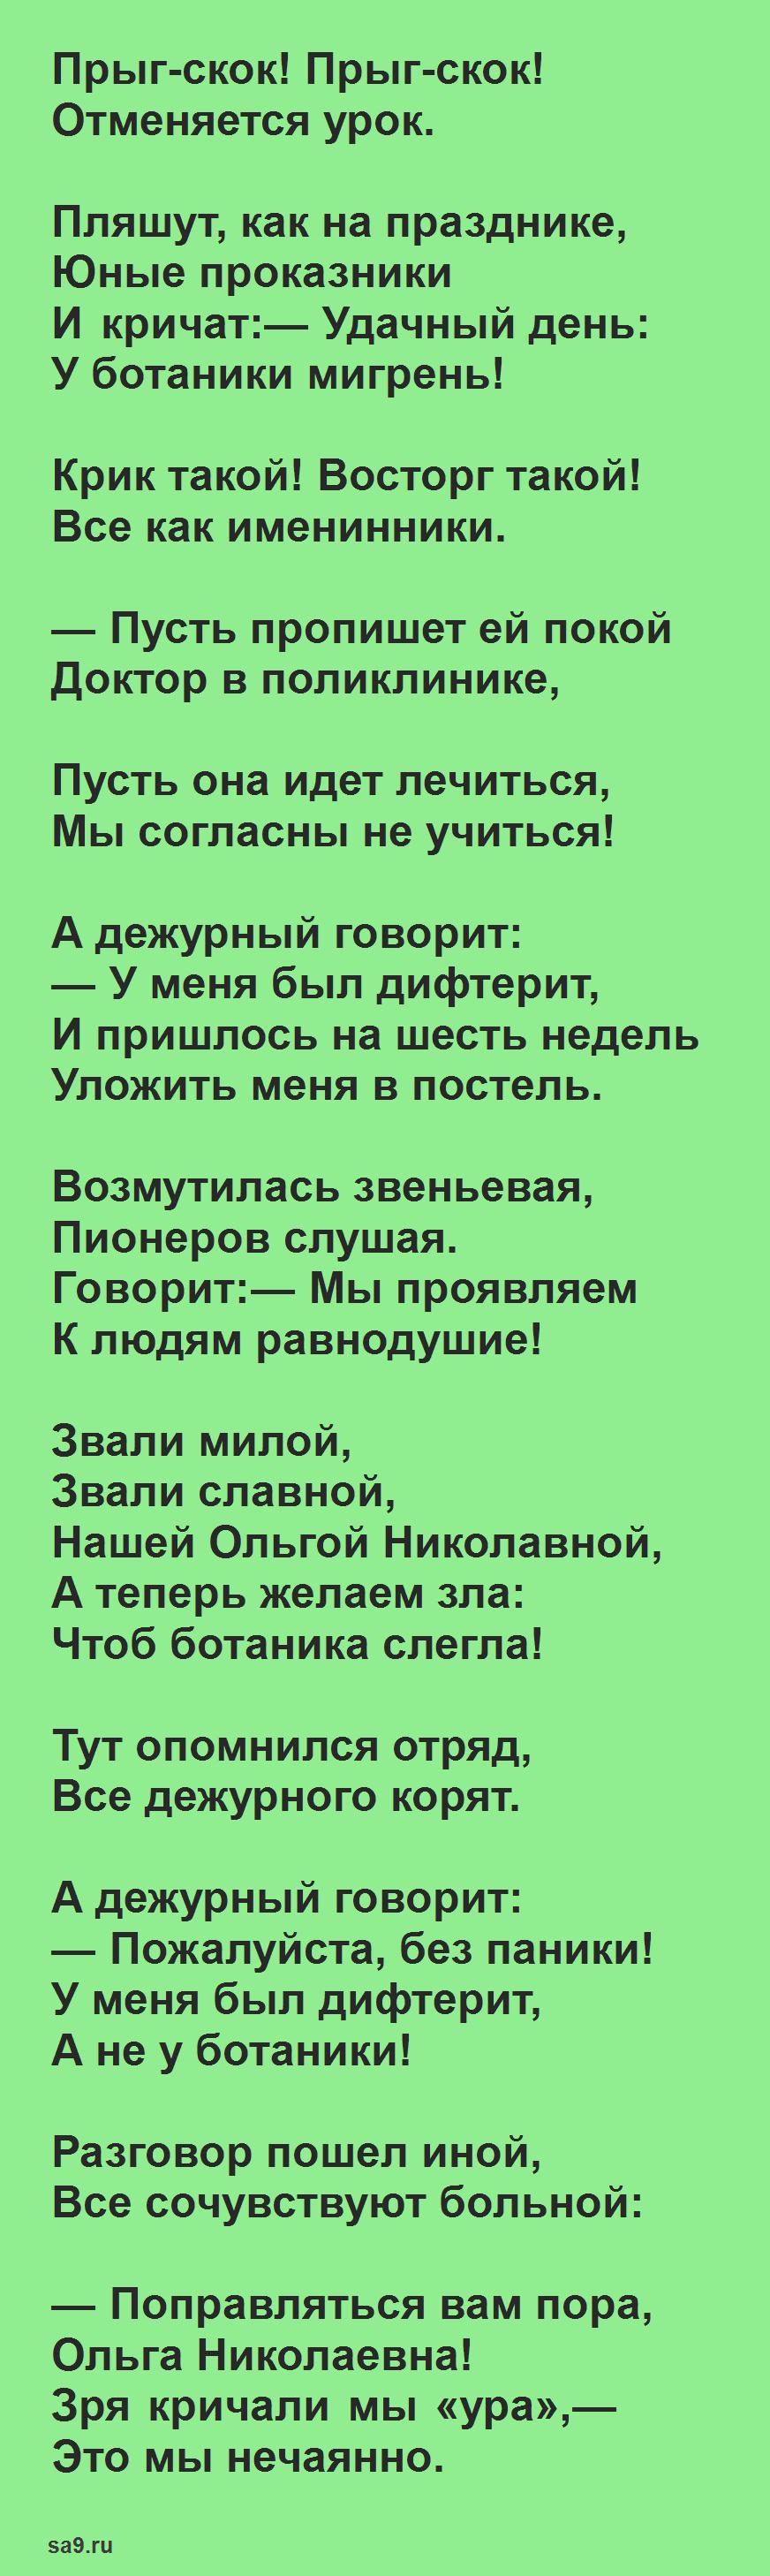 Агния Барто стихи для школьников - Ботаничка больна